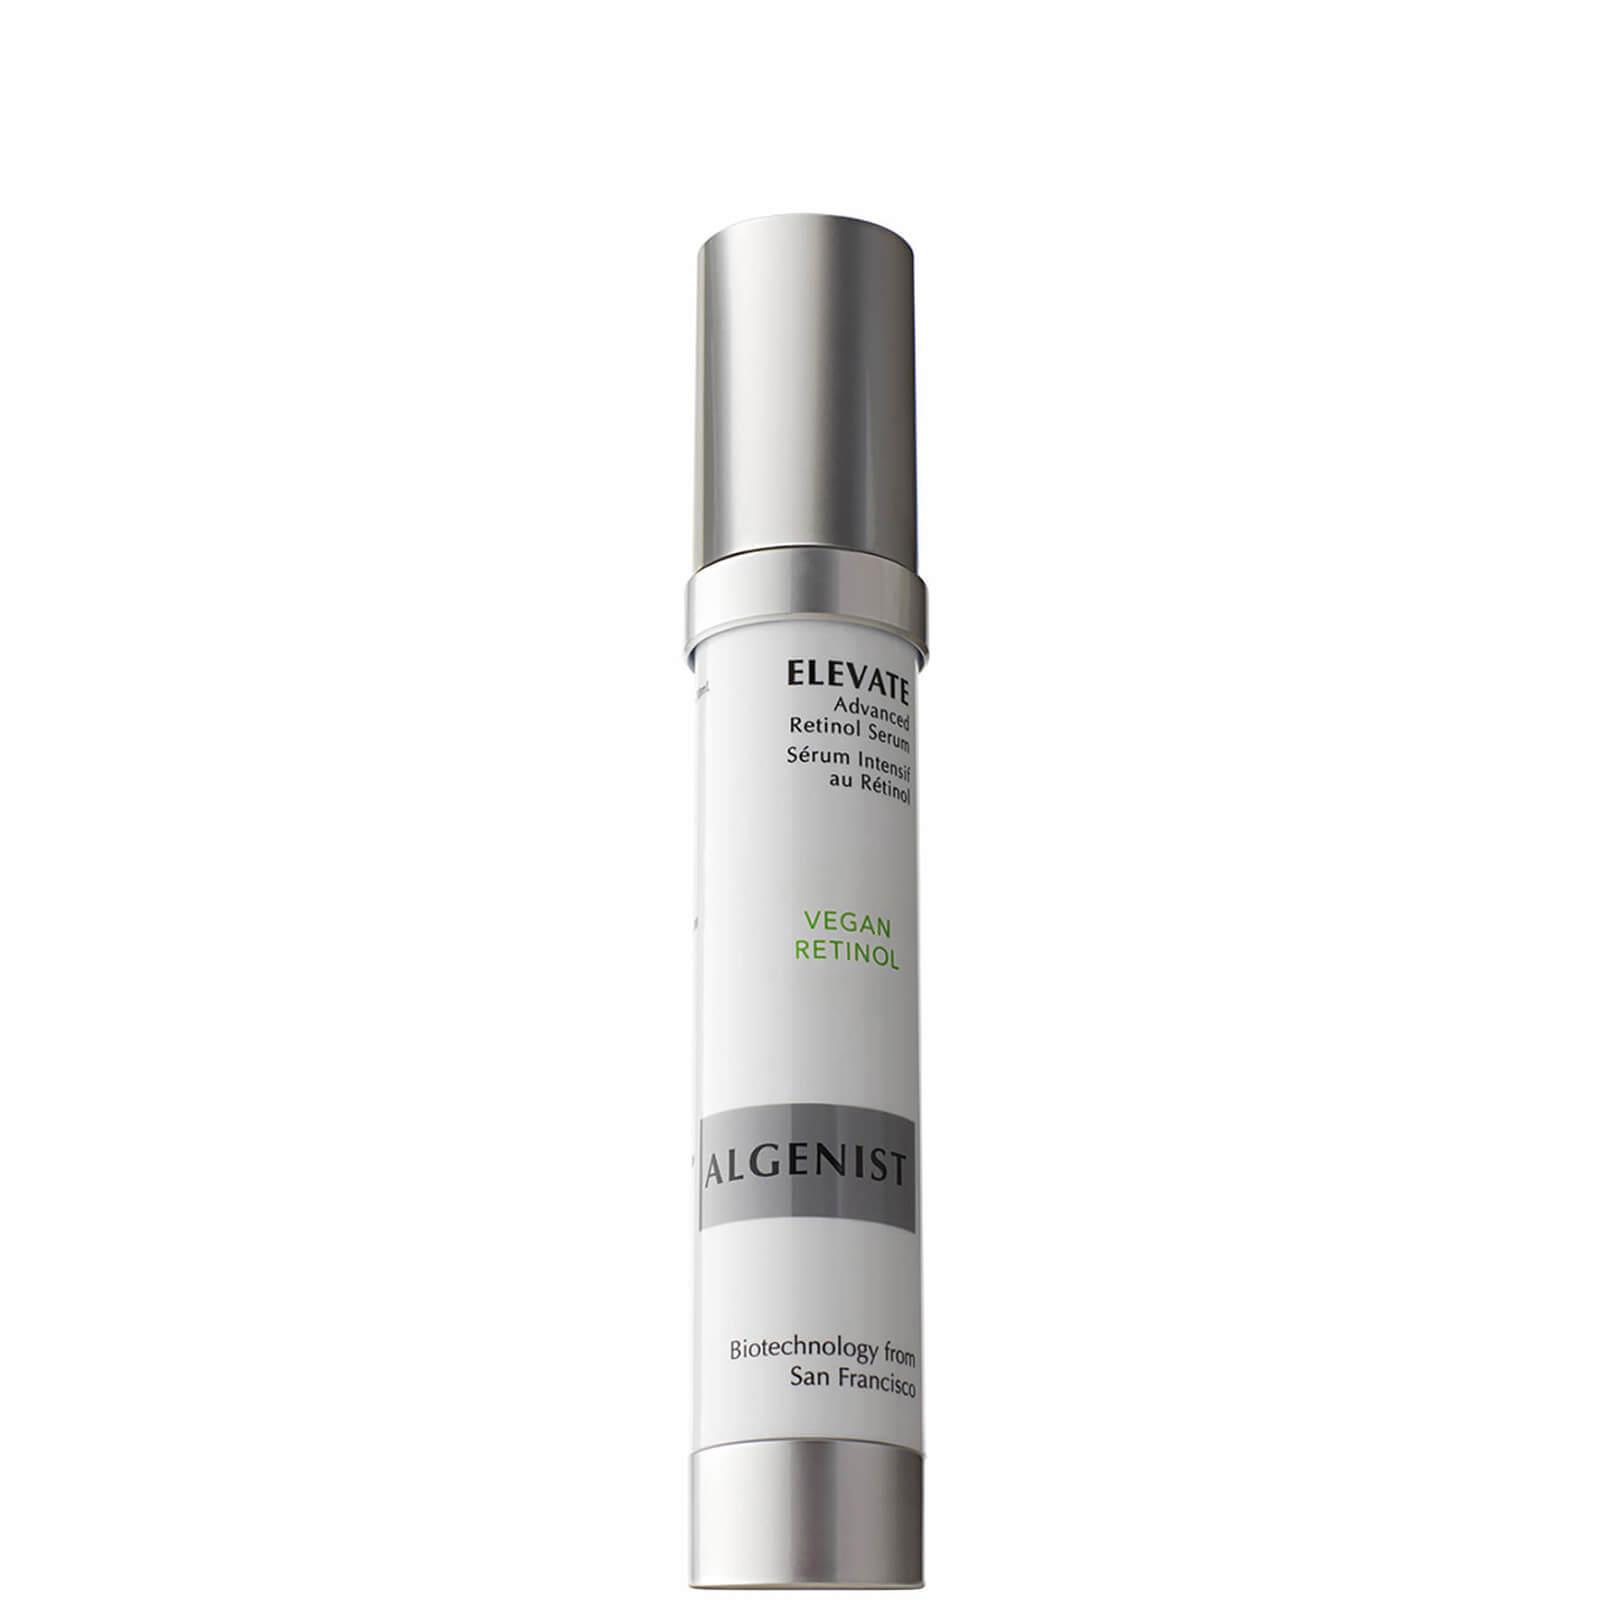 ALGENIST ELEVATE siero avanzato al retinolo 30 ml